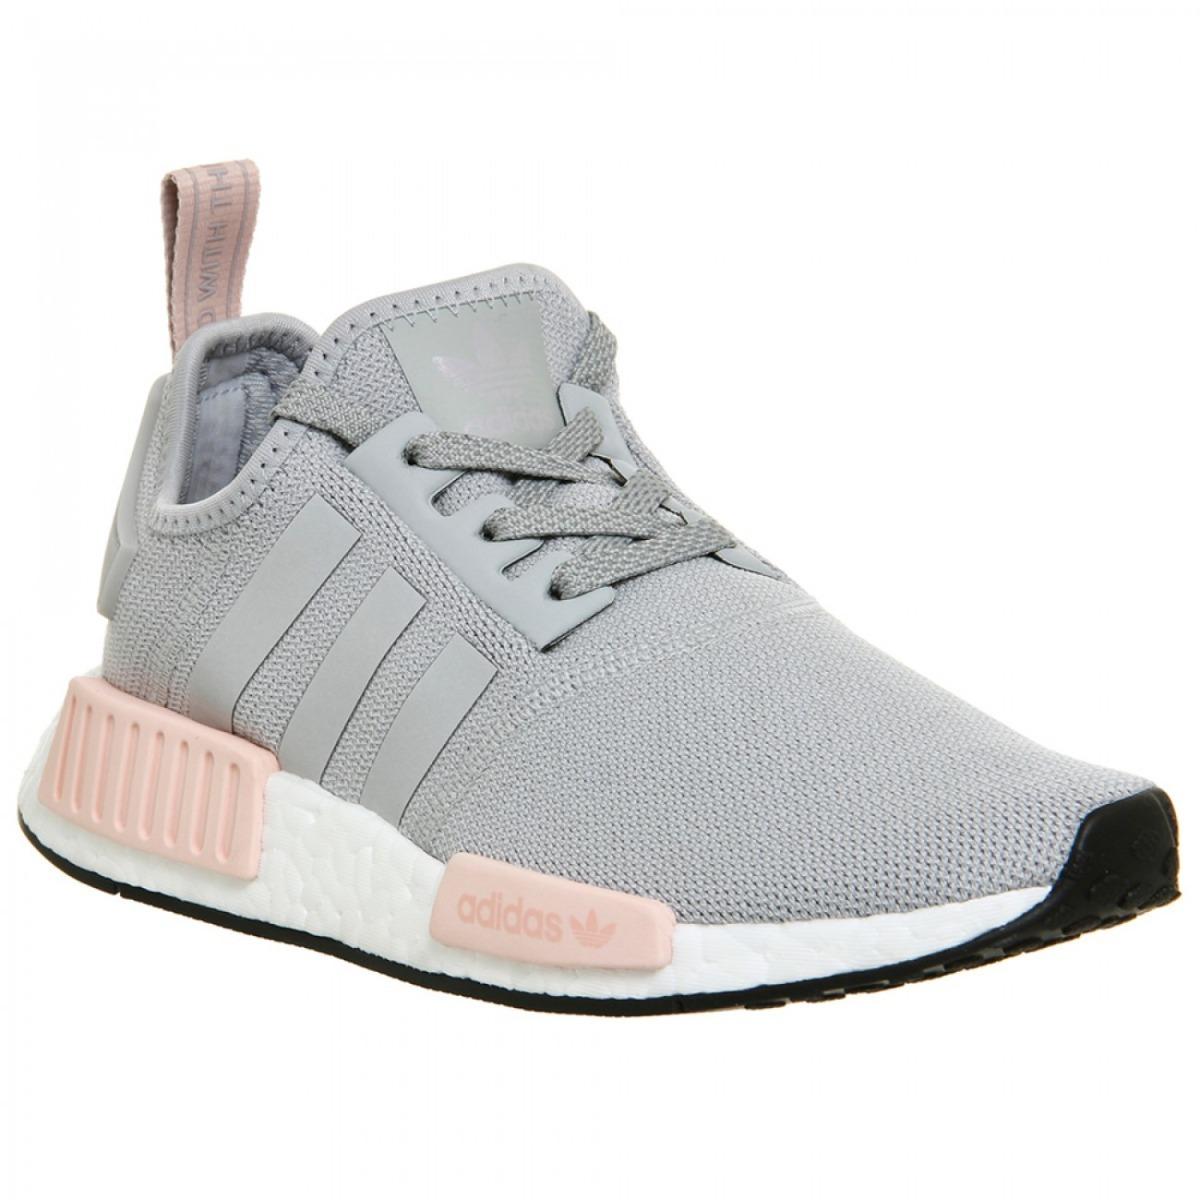 tênis adidas nmd r1 cinza e rosa original promoção. Carregando zoom. 98584e0e50b